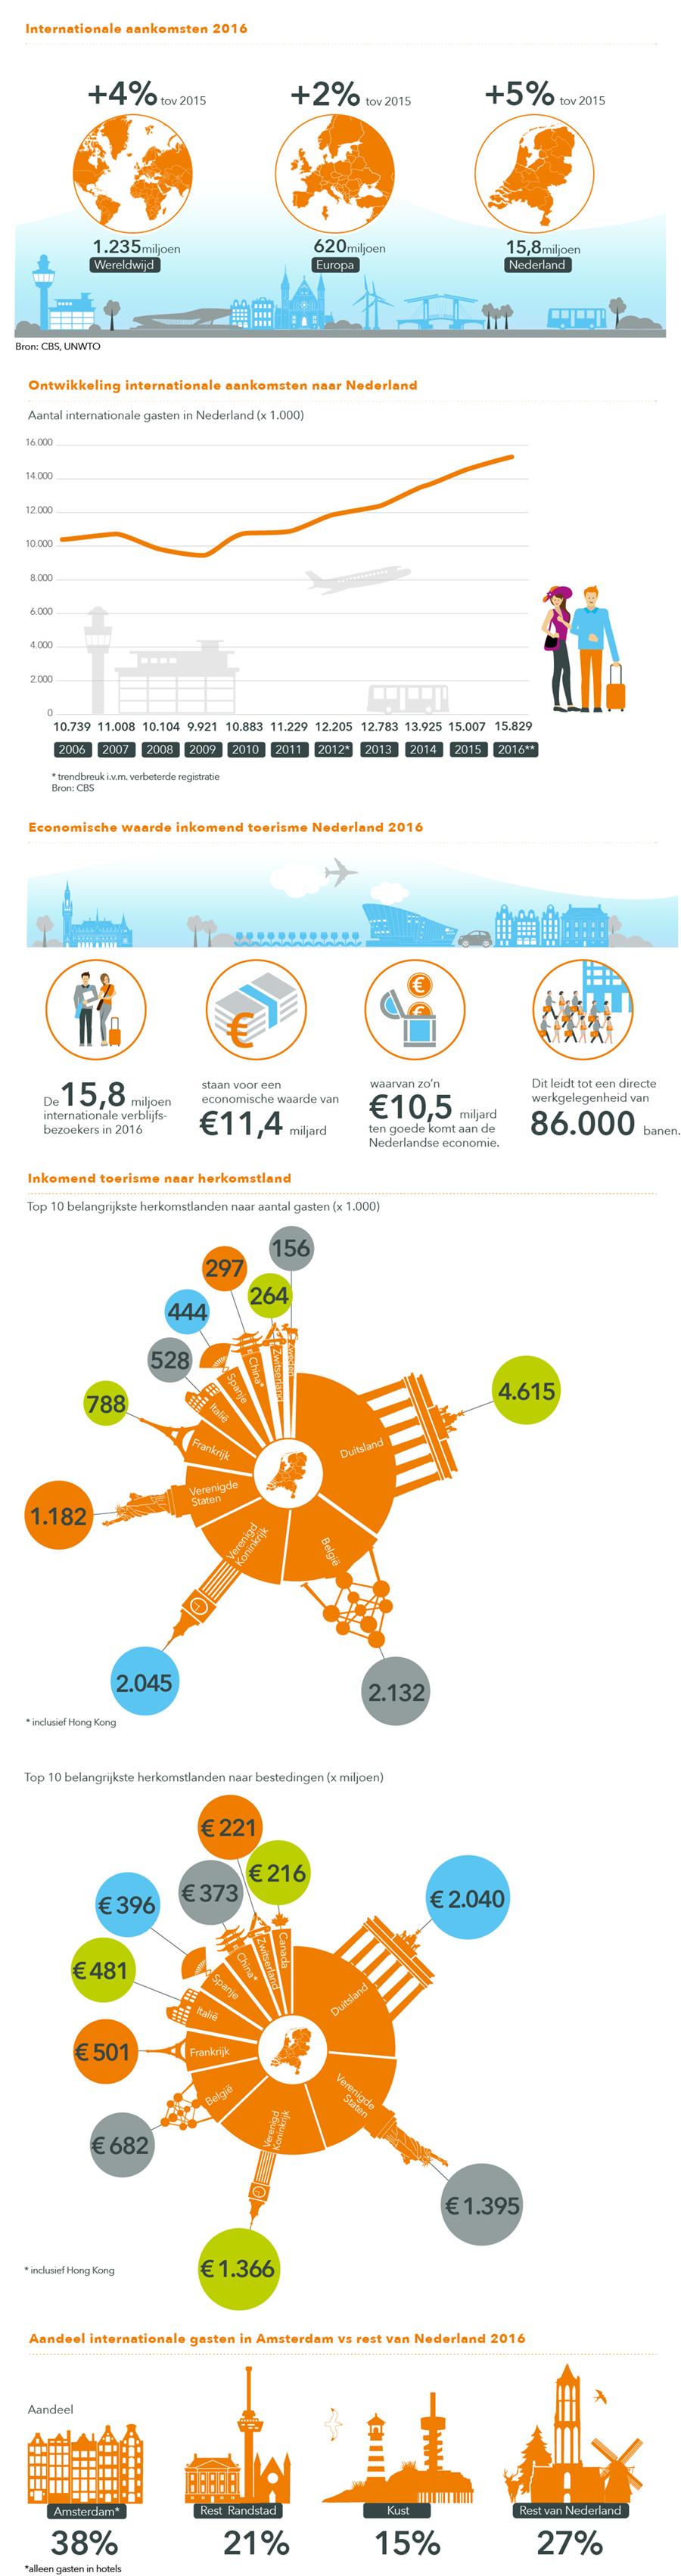 infographic_NBTC